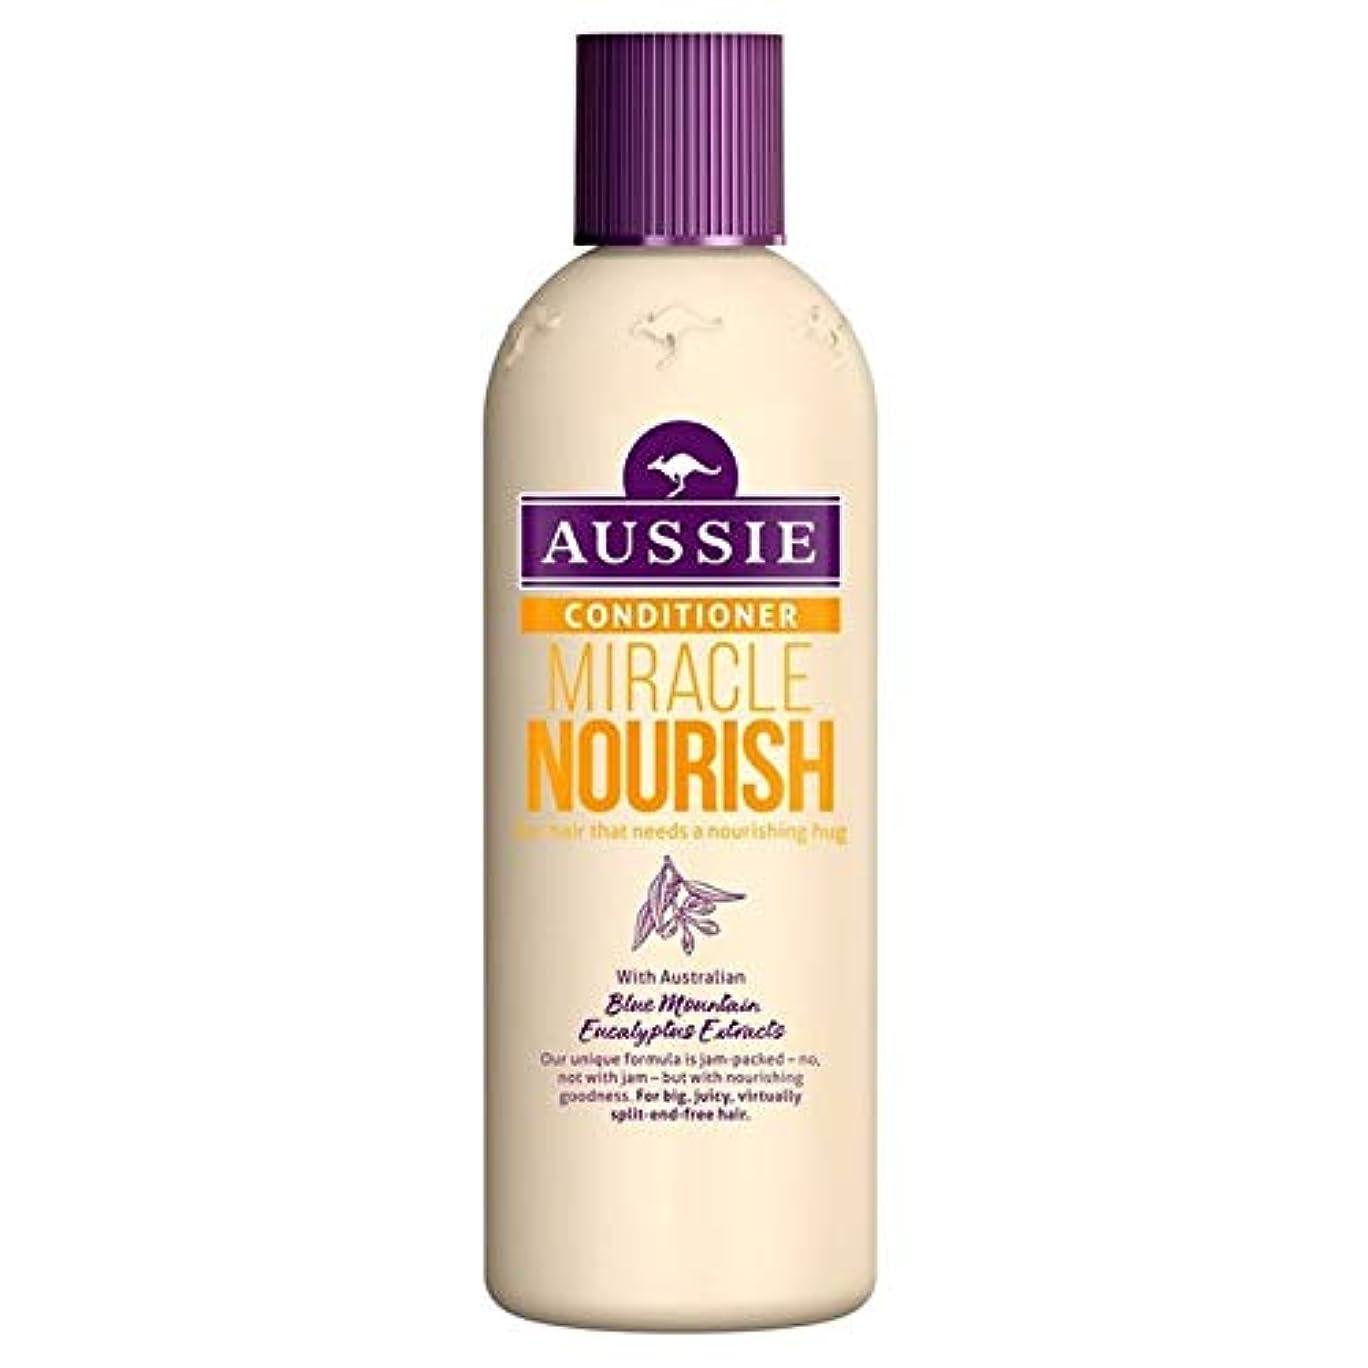 導出したがってなす[Aussie ] オーストラリアの奇跡ナリッシュコンディショナー250ミリリットル - Aussie Miracle Nourish Conditioner 250ml [並行輸入品]